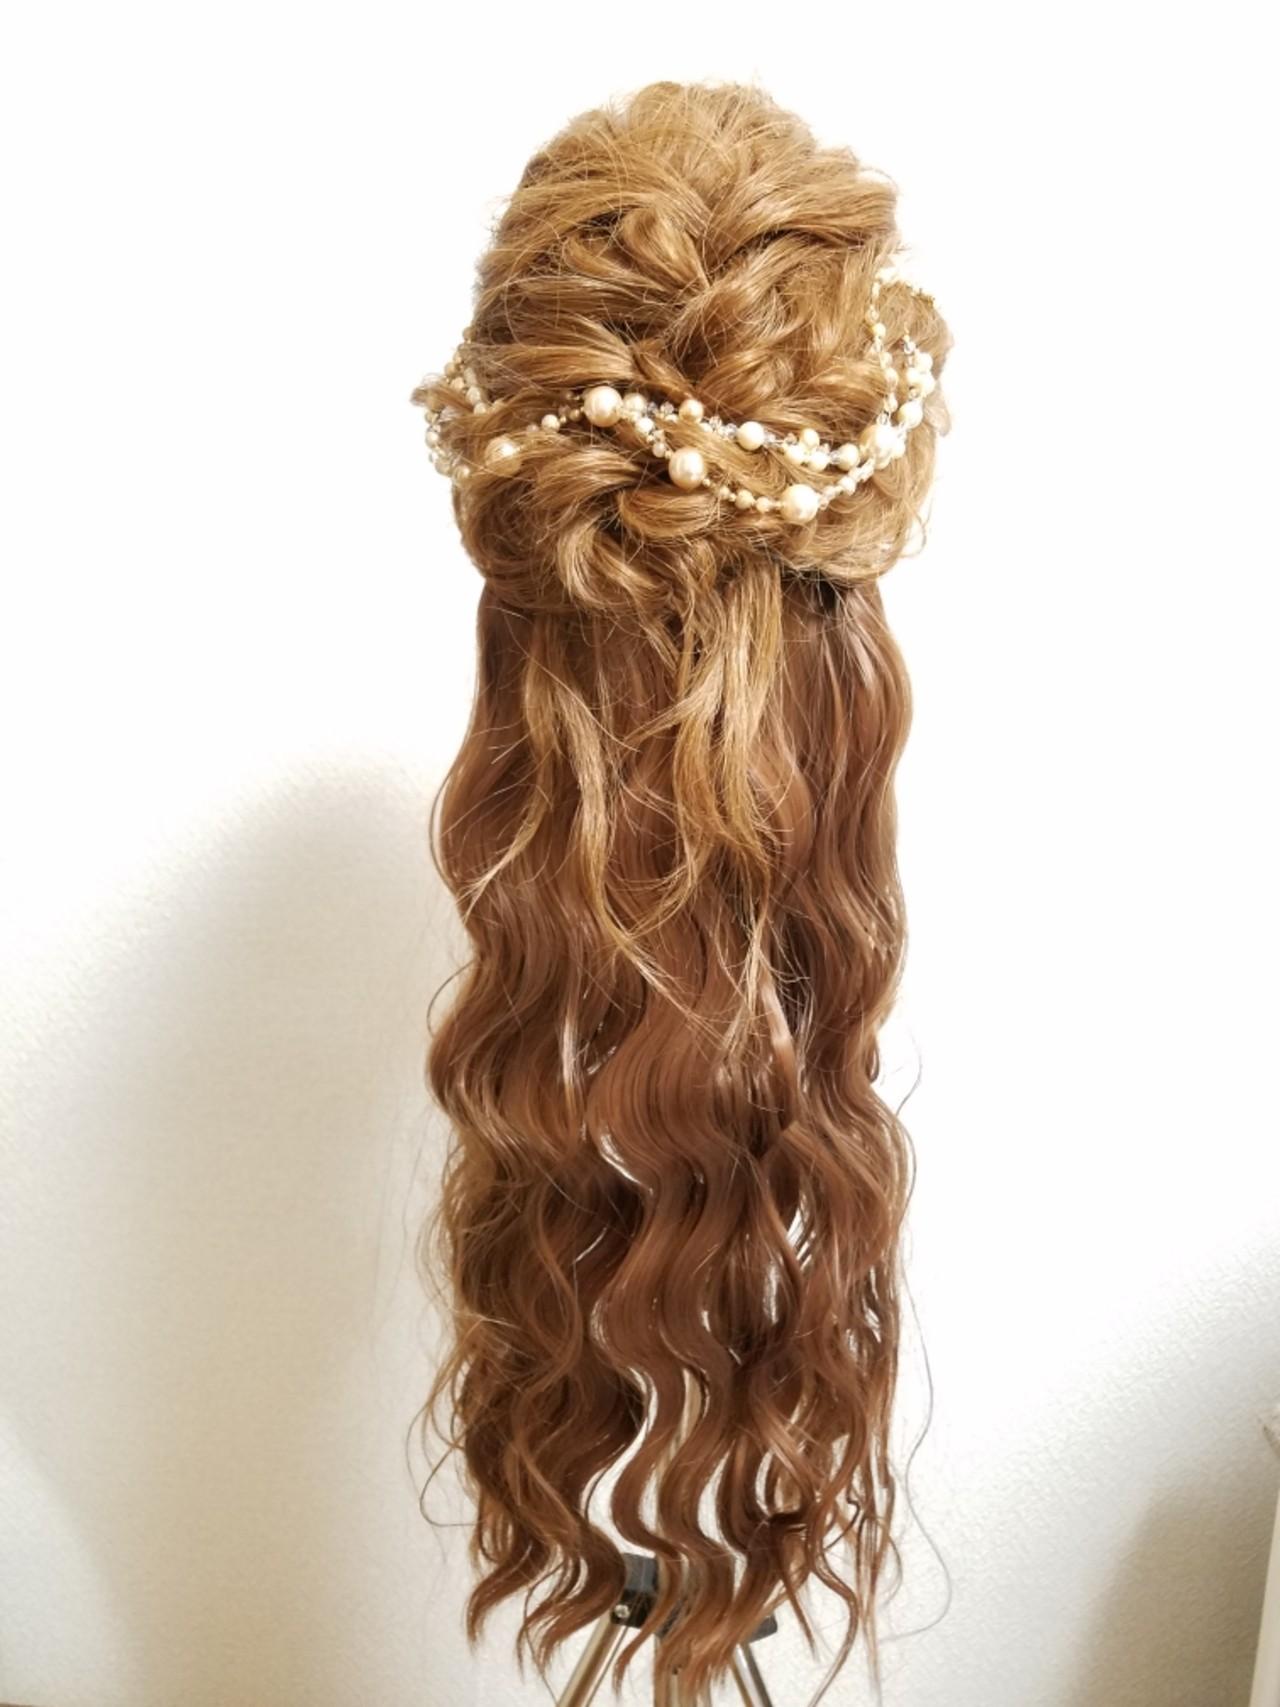 ガーリー セミロング 結婚式 ゆるふわ ヘアスタイルや髪型の写真・画像 | yukari koga / hair&makeup artist freelance